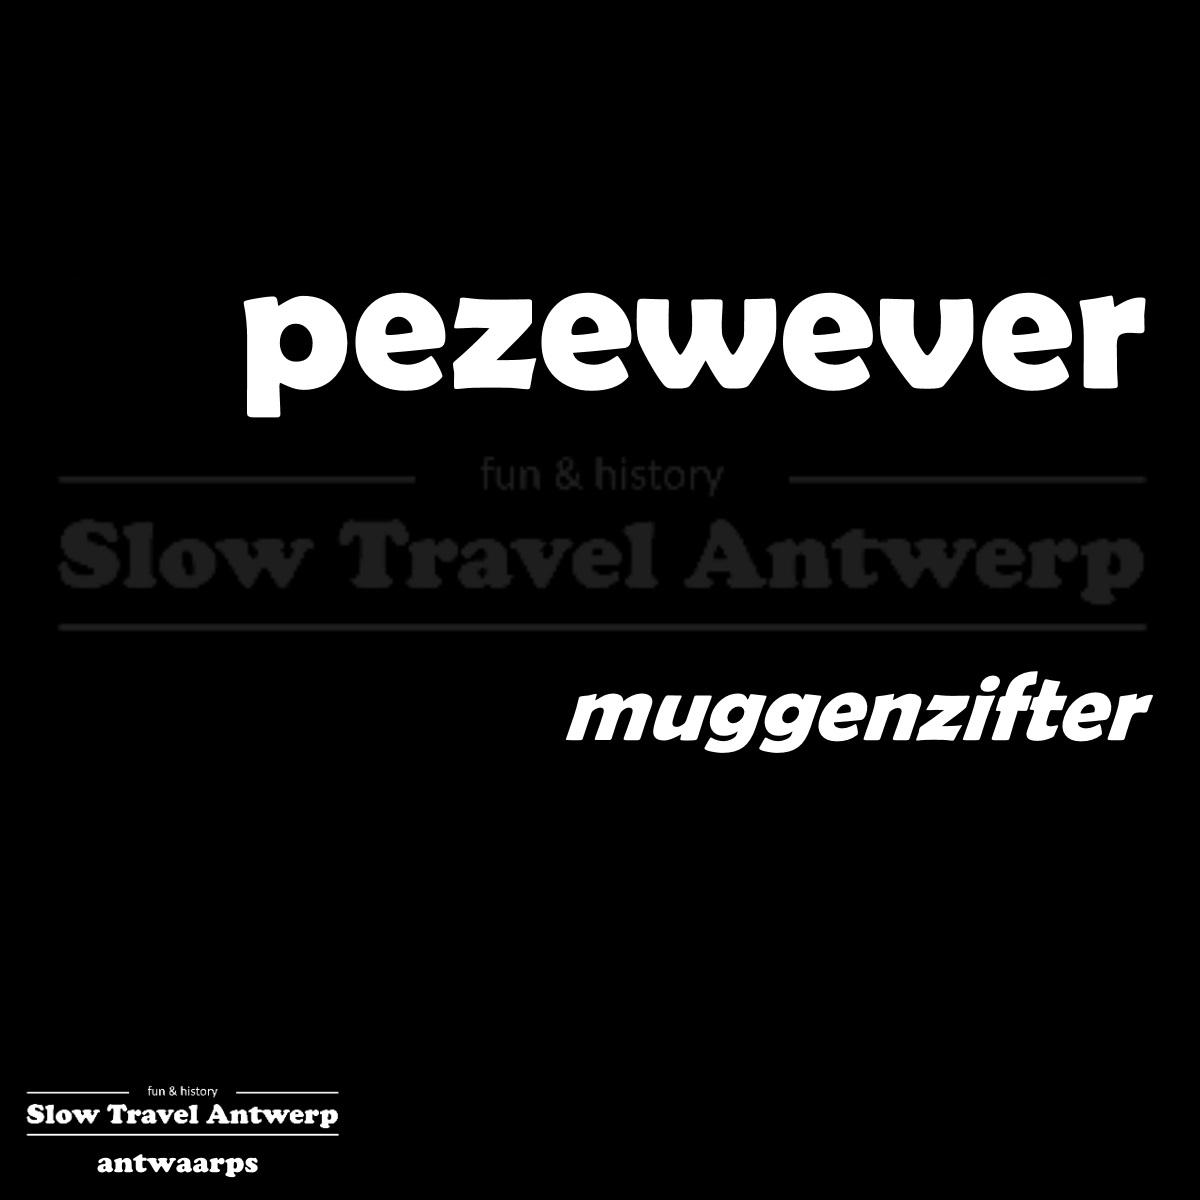 pezewever – muggenzifter – nitpicker